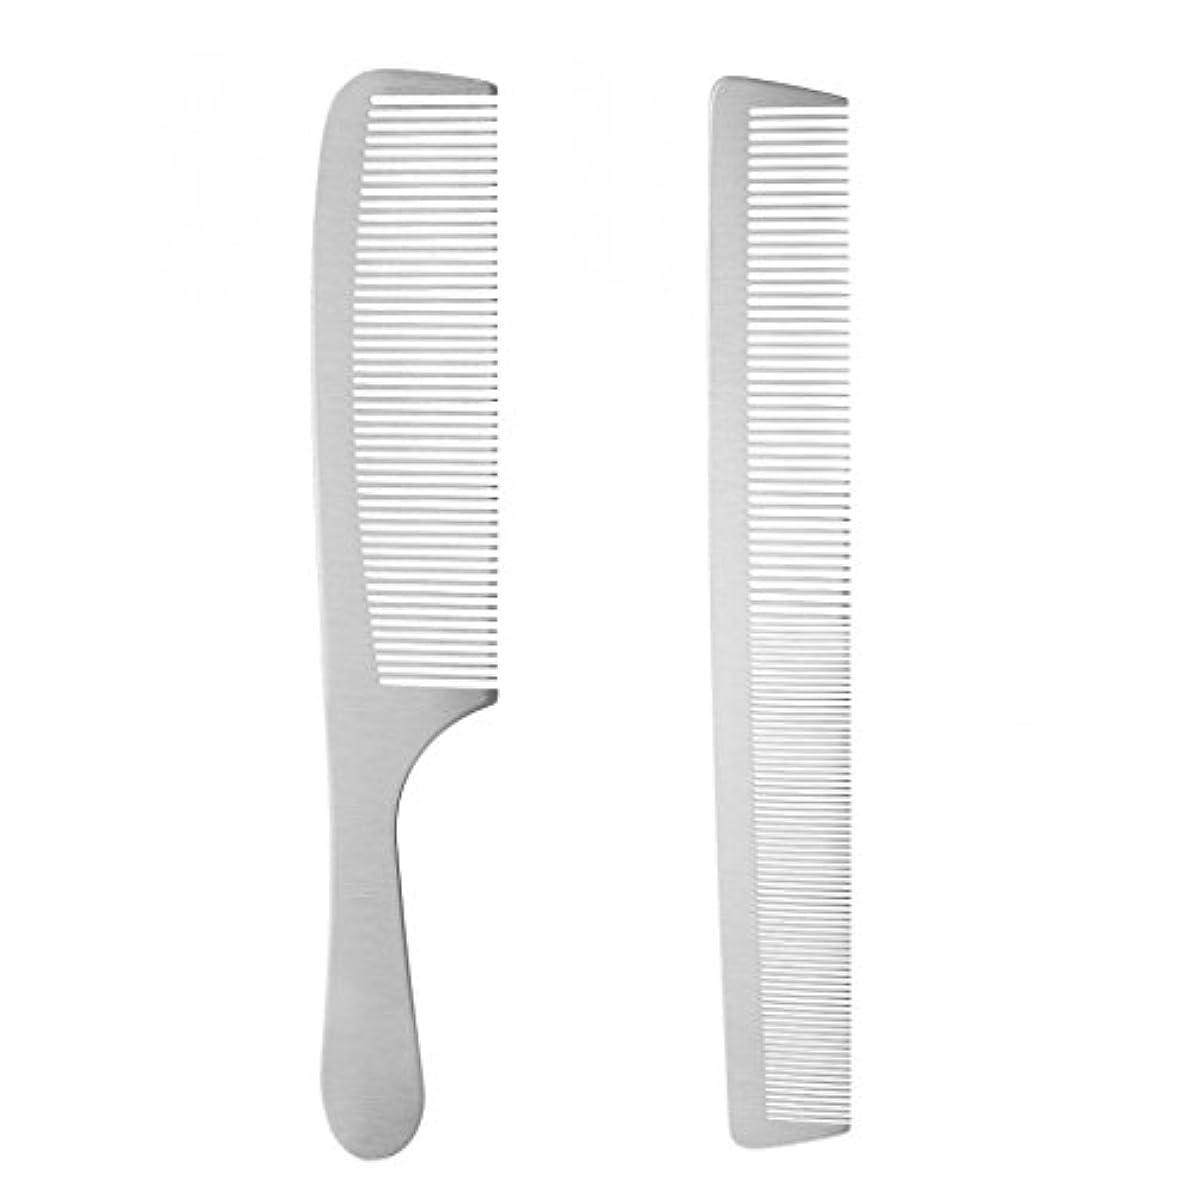 要求する窒素資格情報Baosity 2個 ヘアスタイリング ヘアカットコーム 櫛 ヘアブラシ ステンレス鋼 サロン 理髪師 カッティング 耐久性 耐熱性